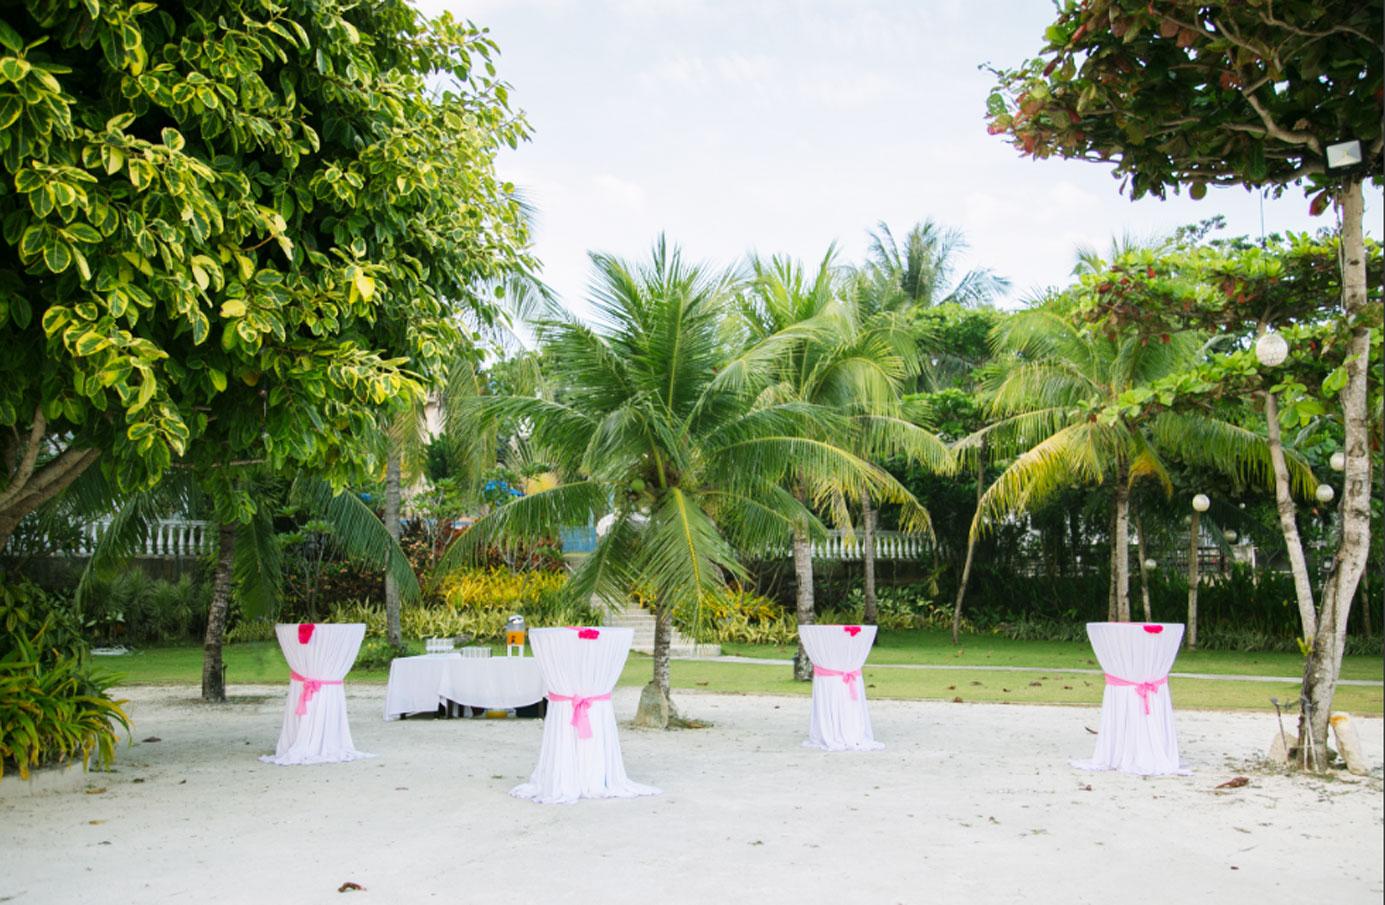 cebu-chateaubythesea-wedding8